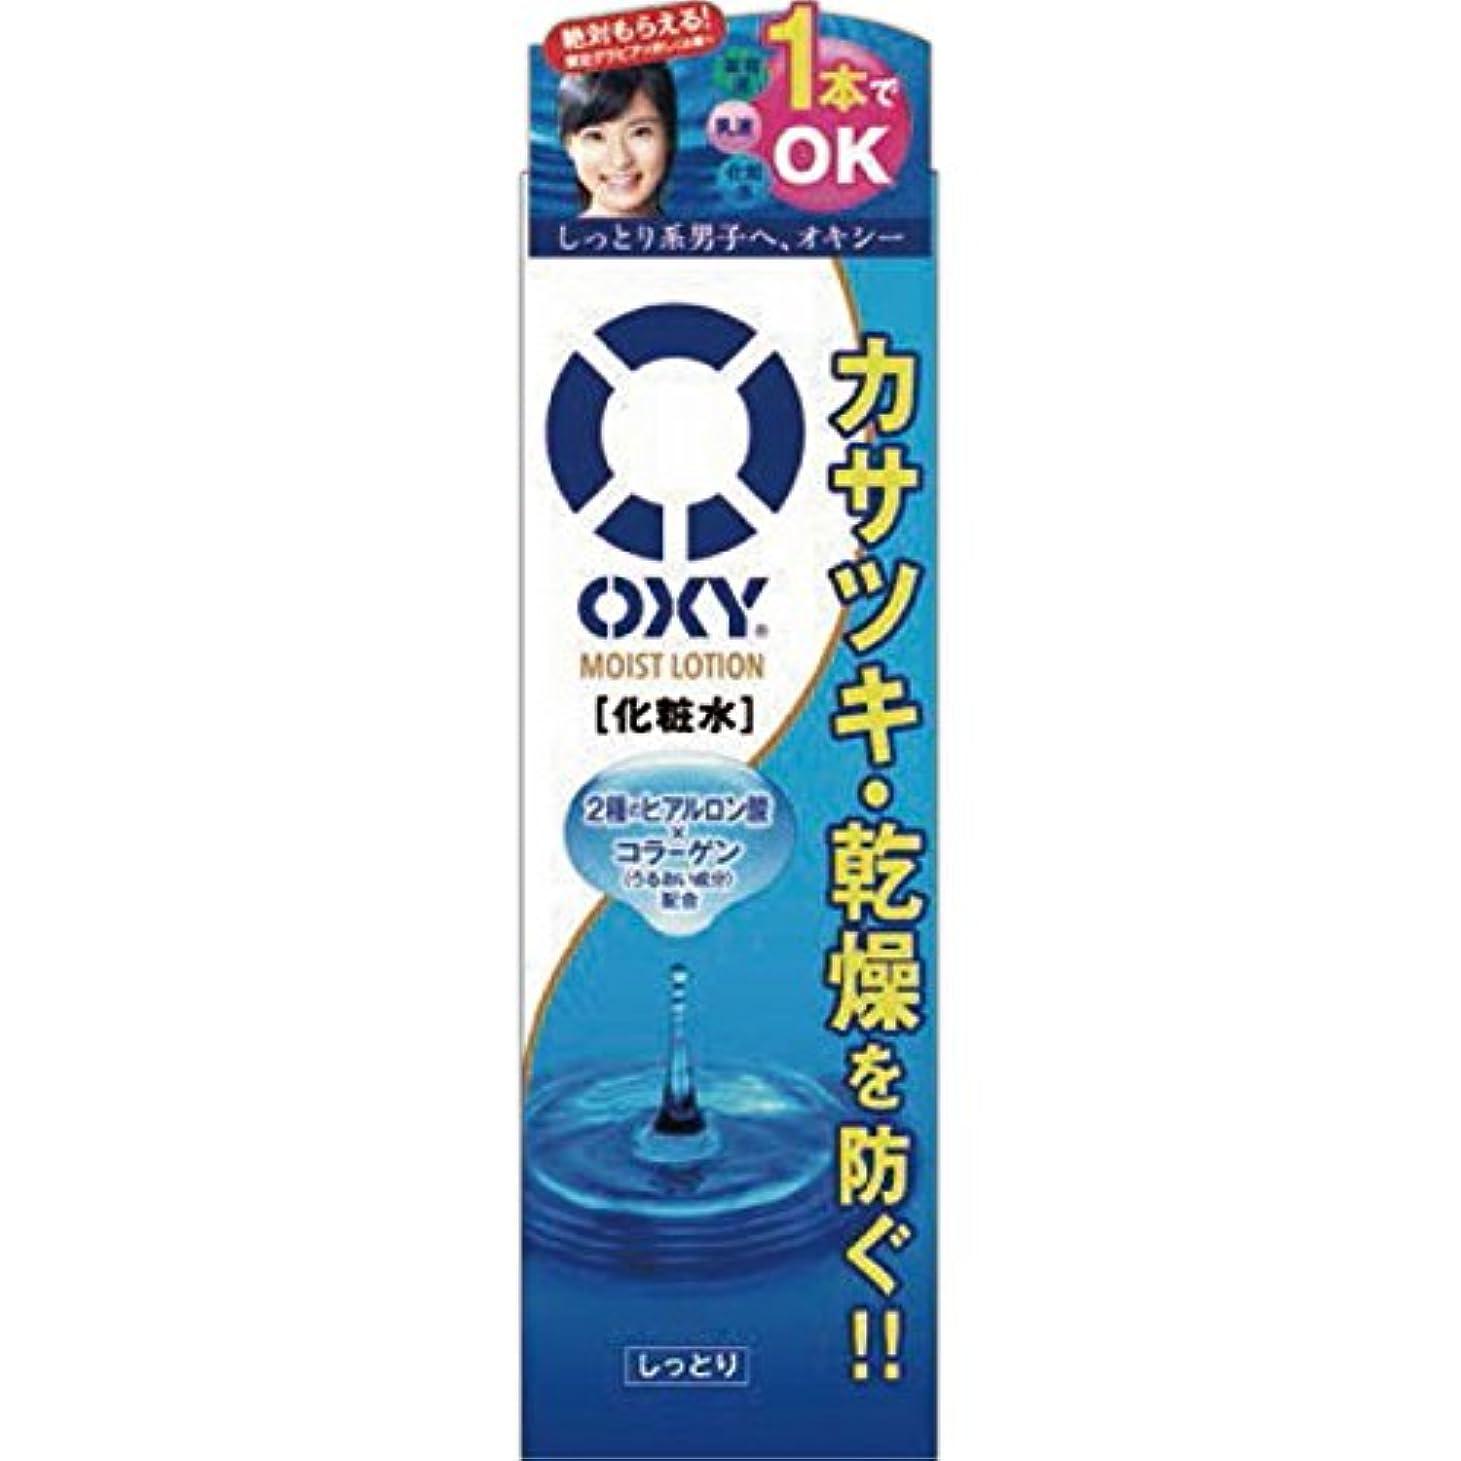 インゲン車たるみオキシー (Oxy) モイストローション オールインワン化粧水 2種のヒアルロン酸×コラーゲン配合 ゼラニウムの香 170mL